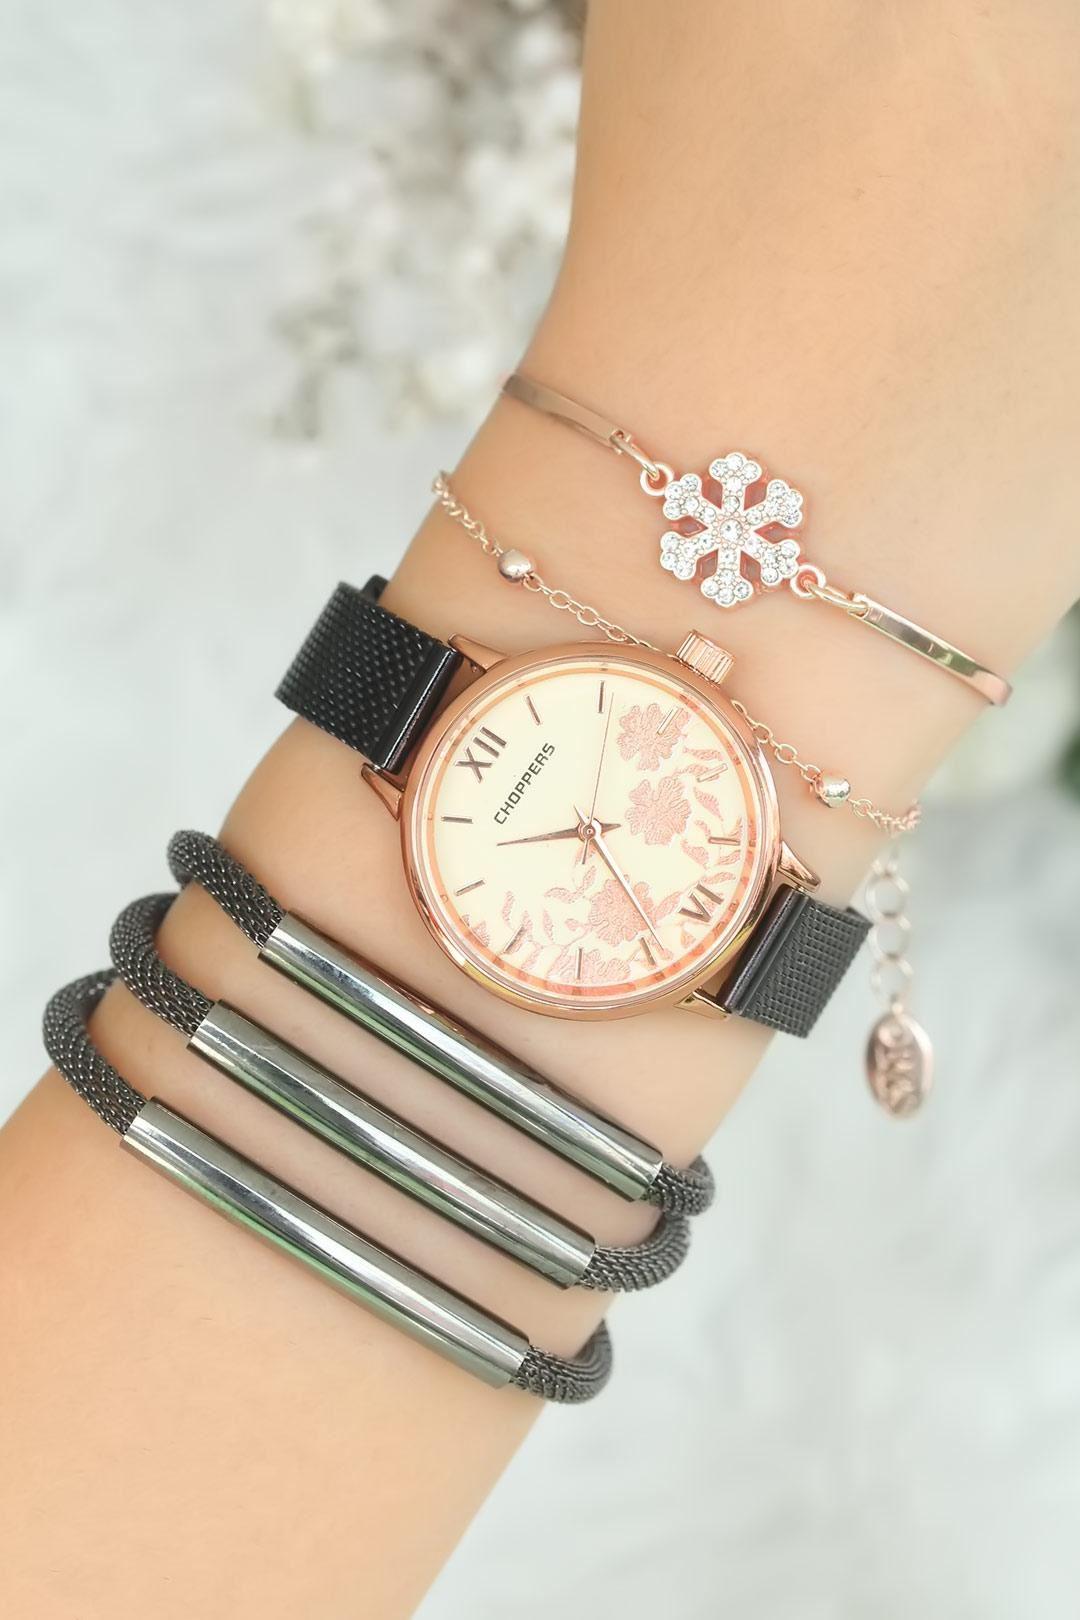 Füme Renk Hasır Metal Kordonlu Bayan Saat Kombini